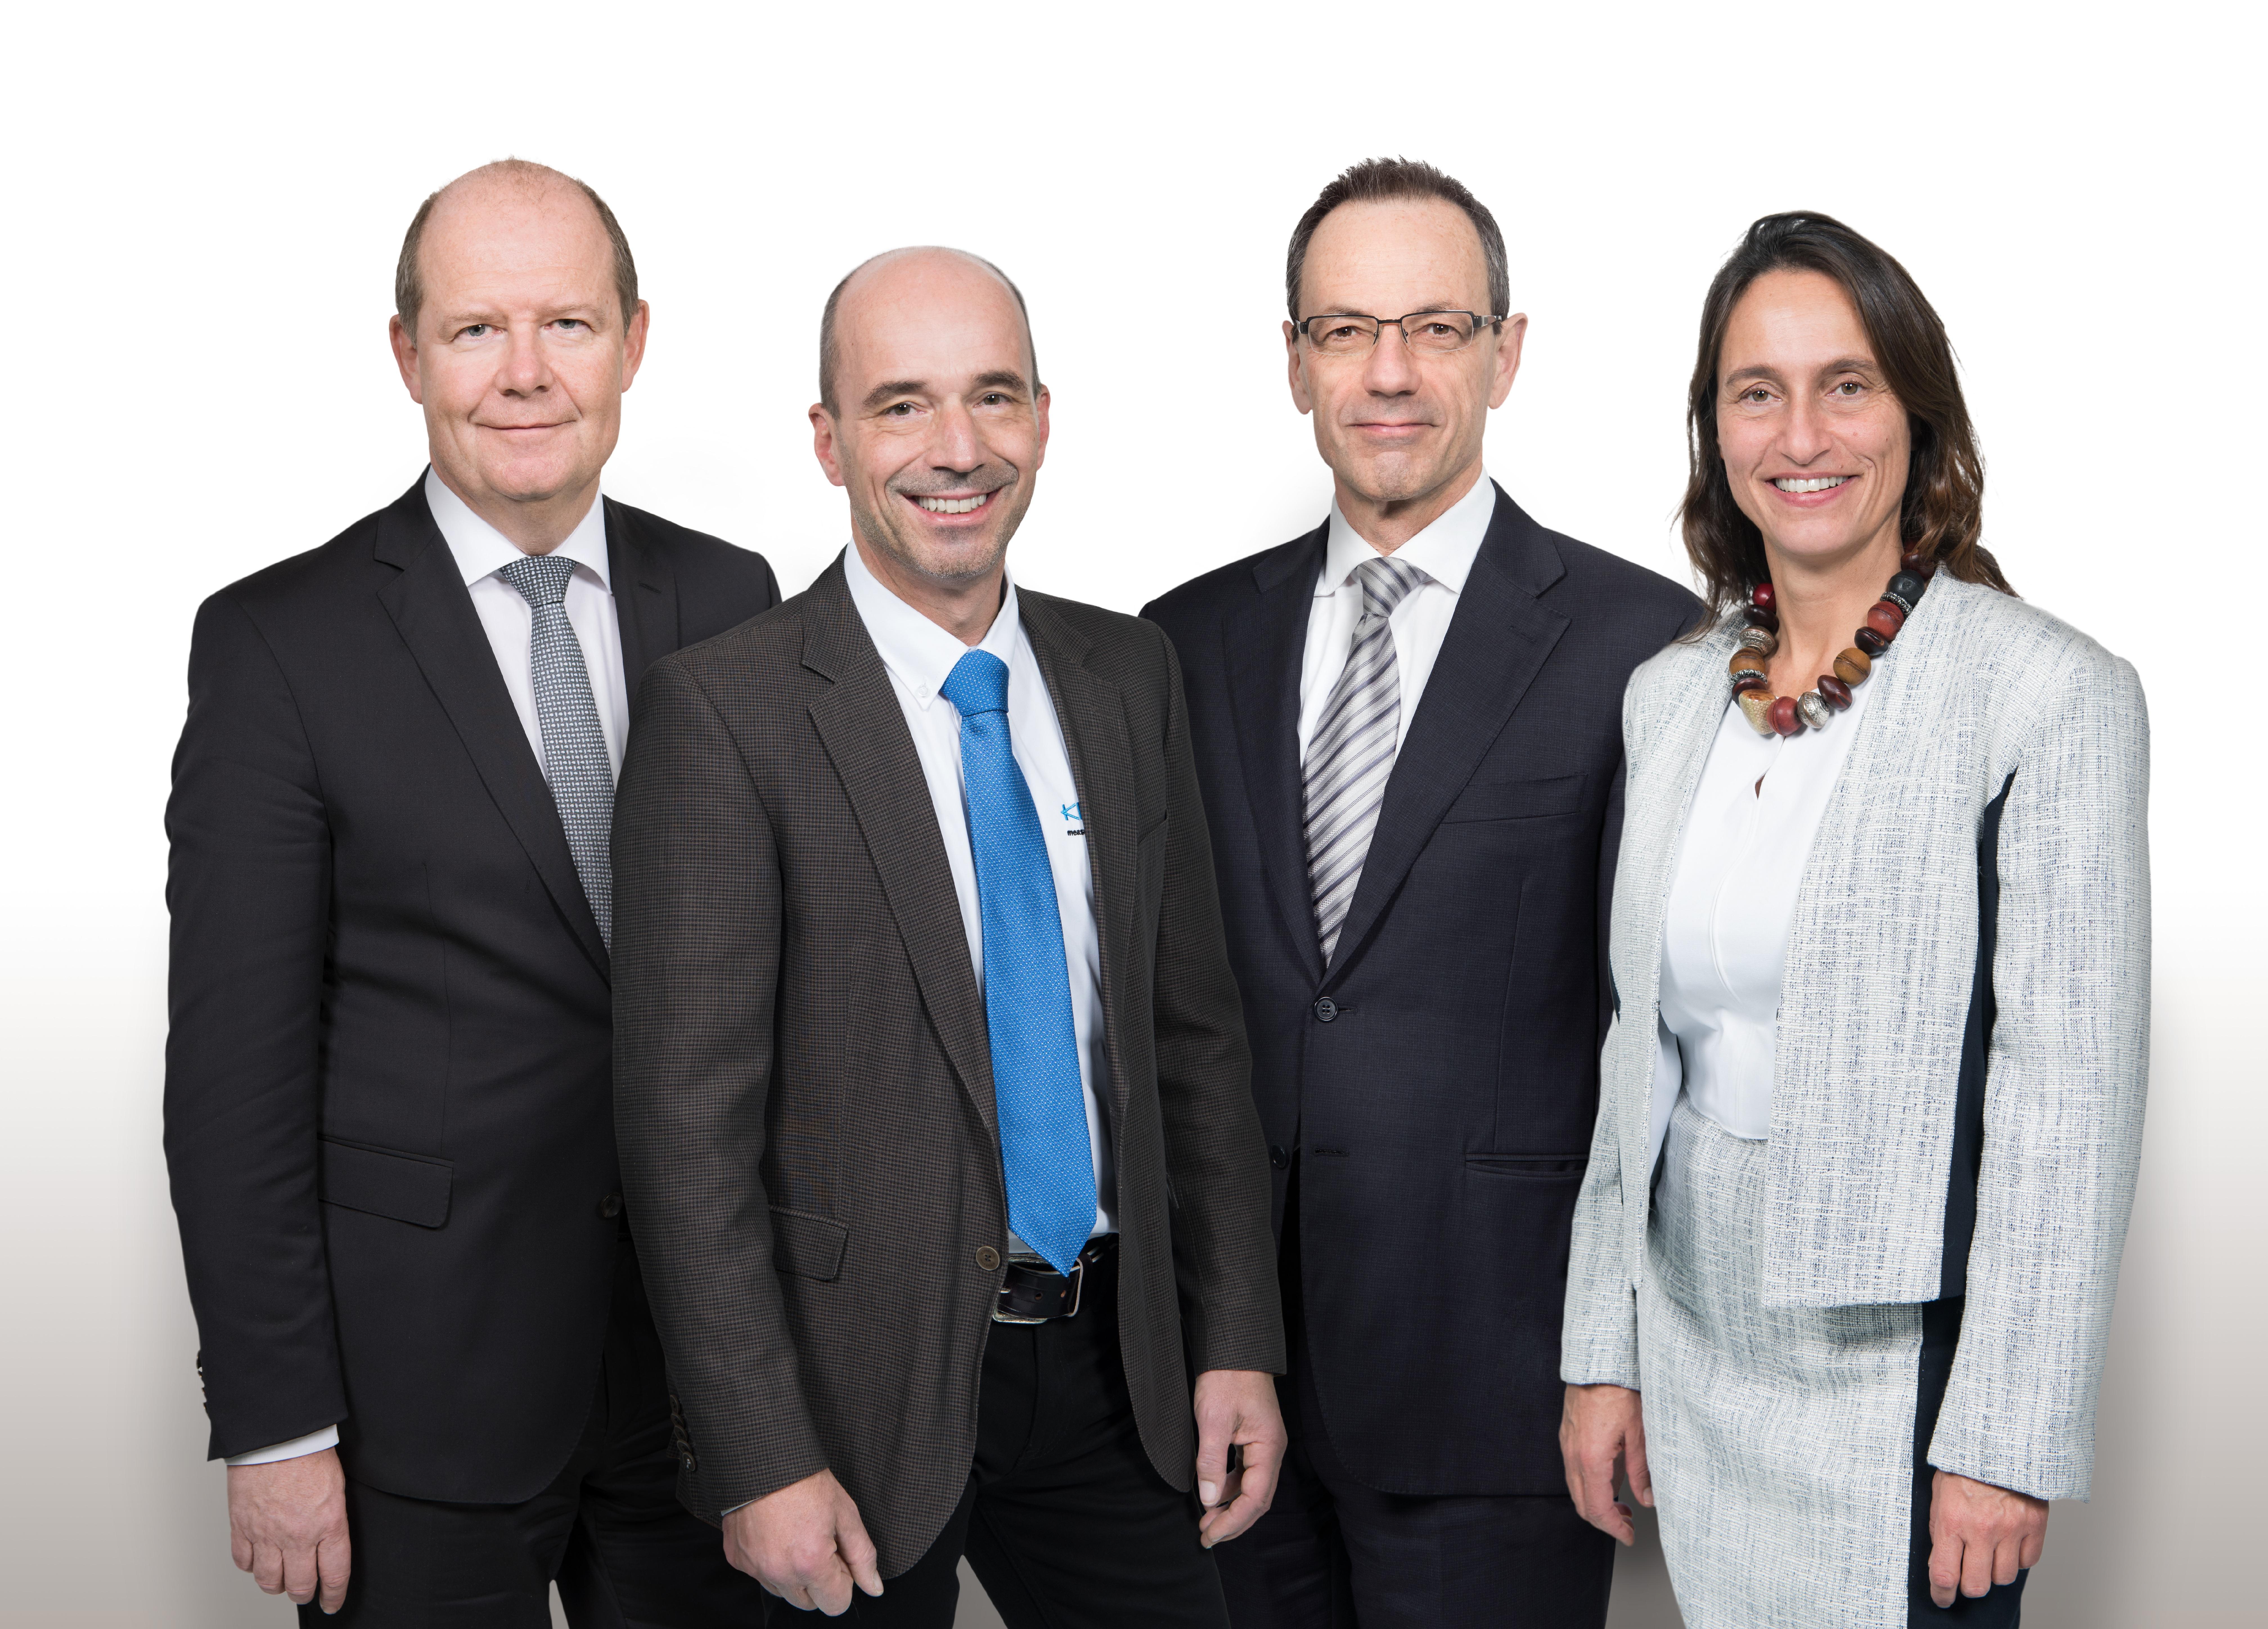 Valentin Vogt neuer VR-Präsident bei Kistler